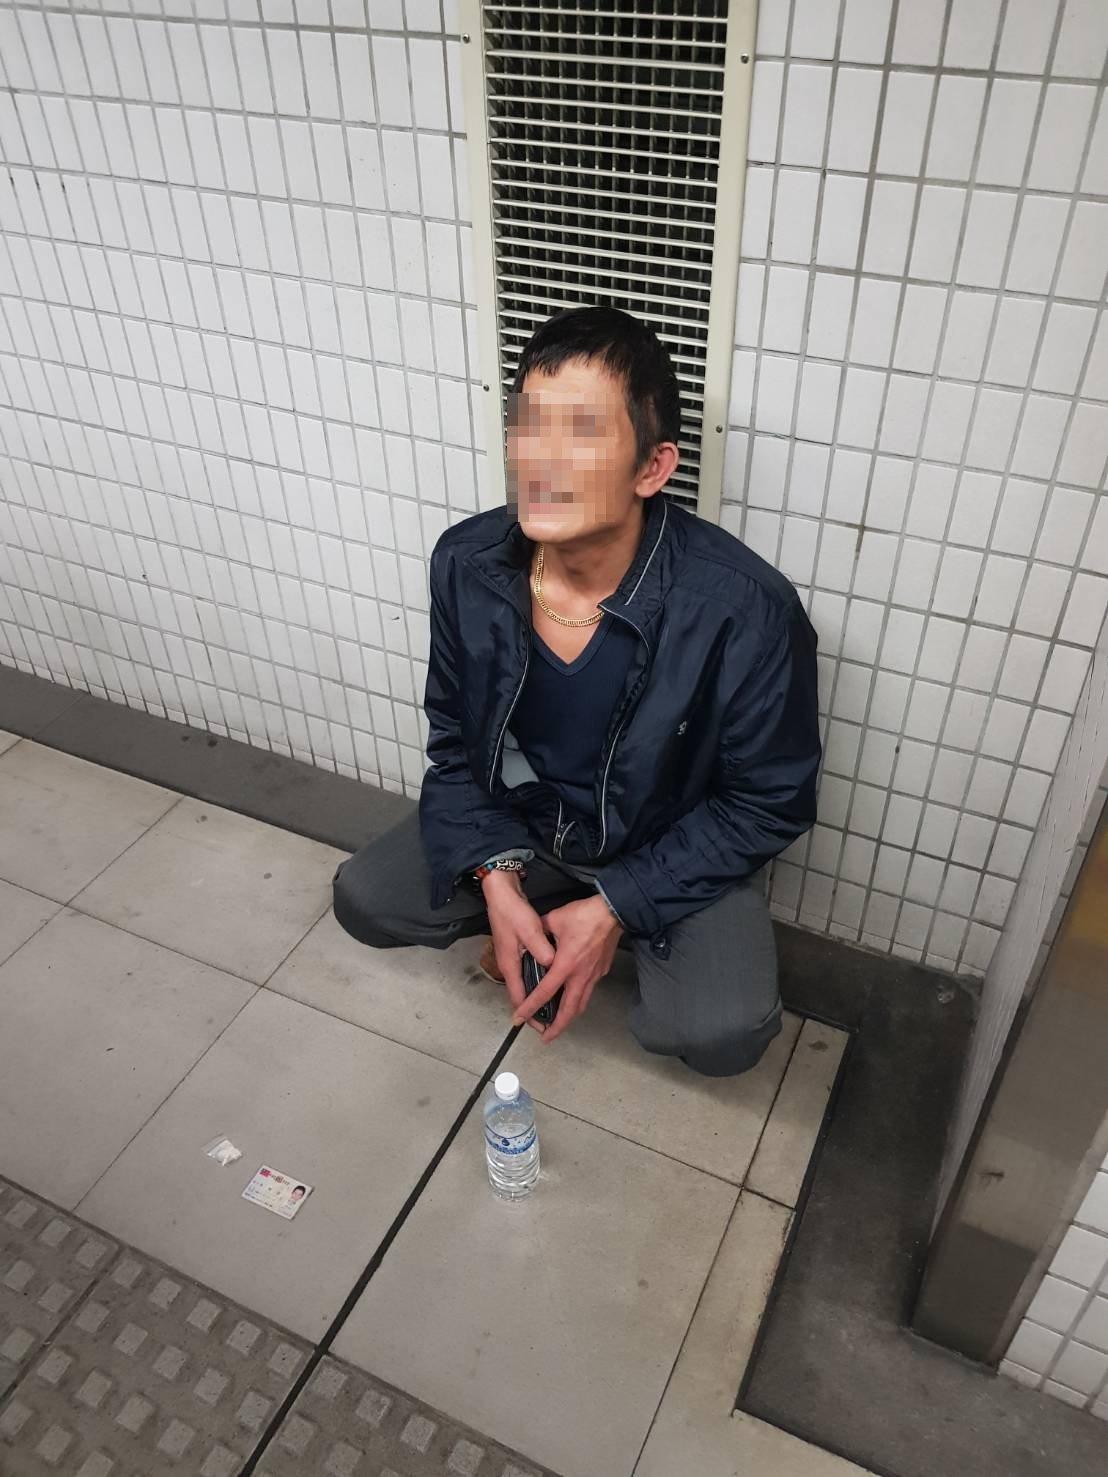 警方在南港火車站月台逮捕李姓毒蟲。圖/警方提供